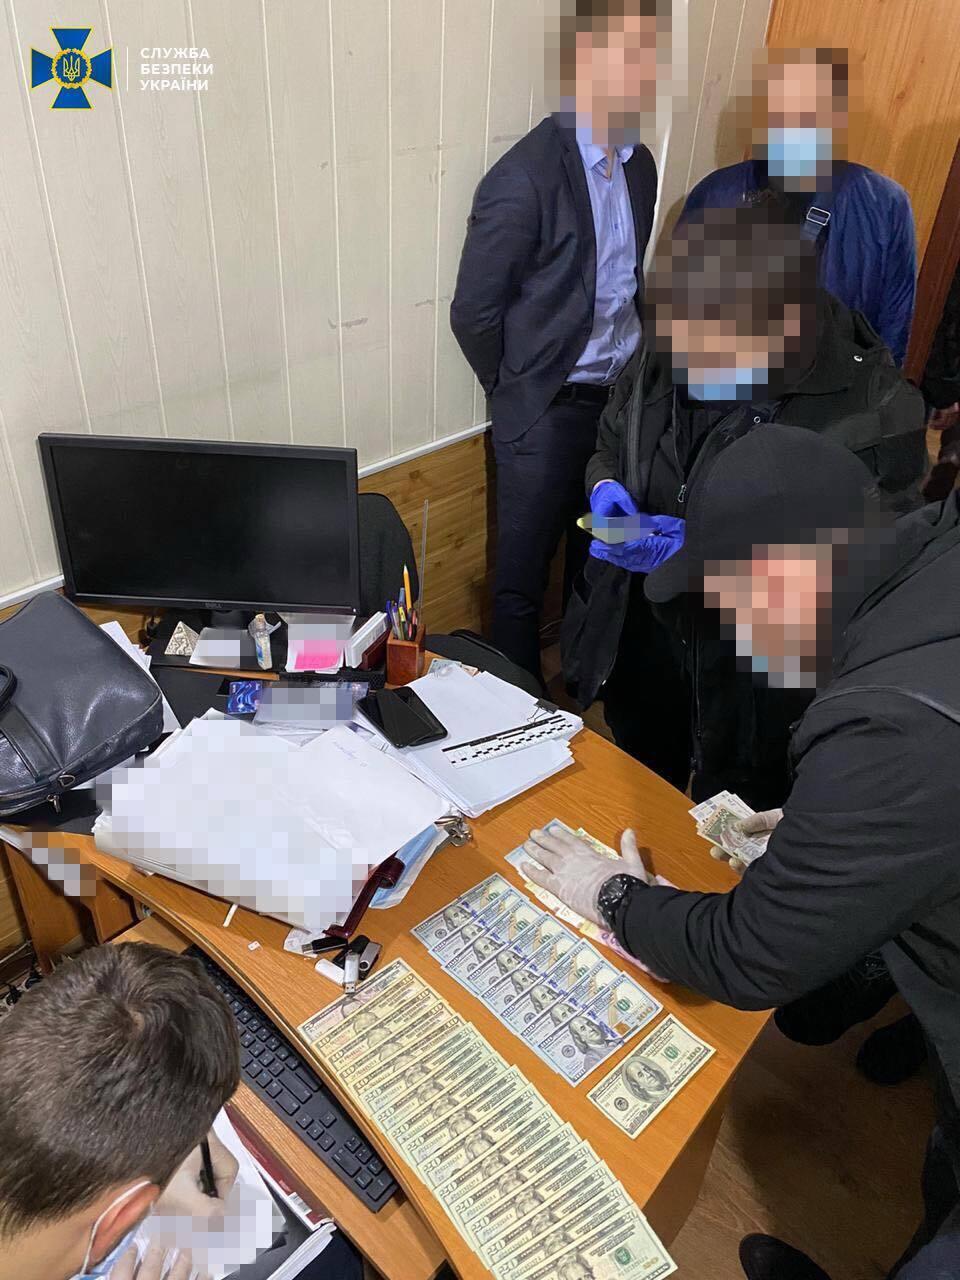 Правоохоронці затримали підозрюваних посадовців на робочому місці